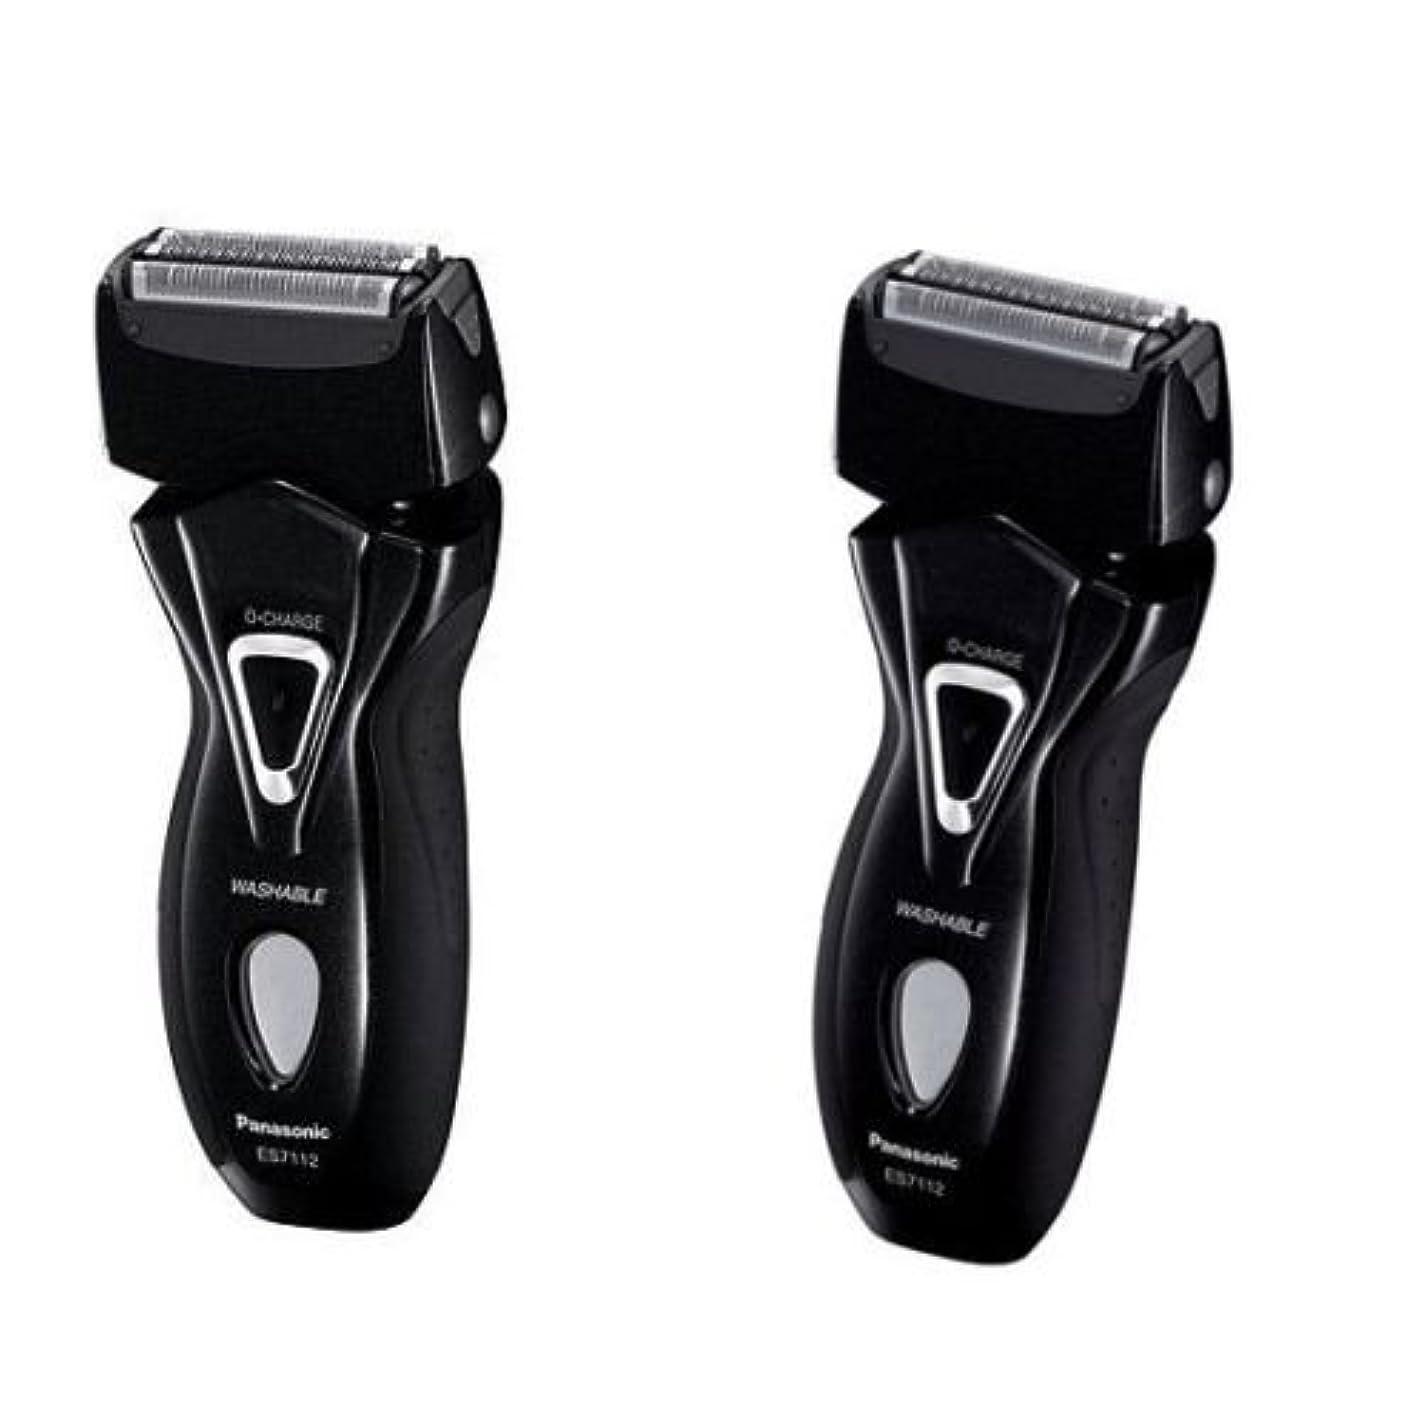 候補者ファイバ自由Panasonic ES-7112 メンズシェーバーRAMのダッシュ3剃る100-240V ES7112 /純正 [並行輸入品]